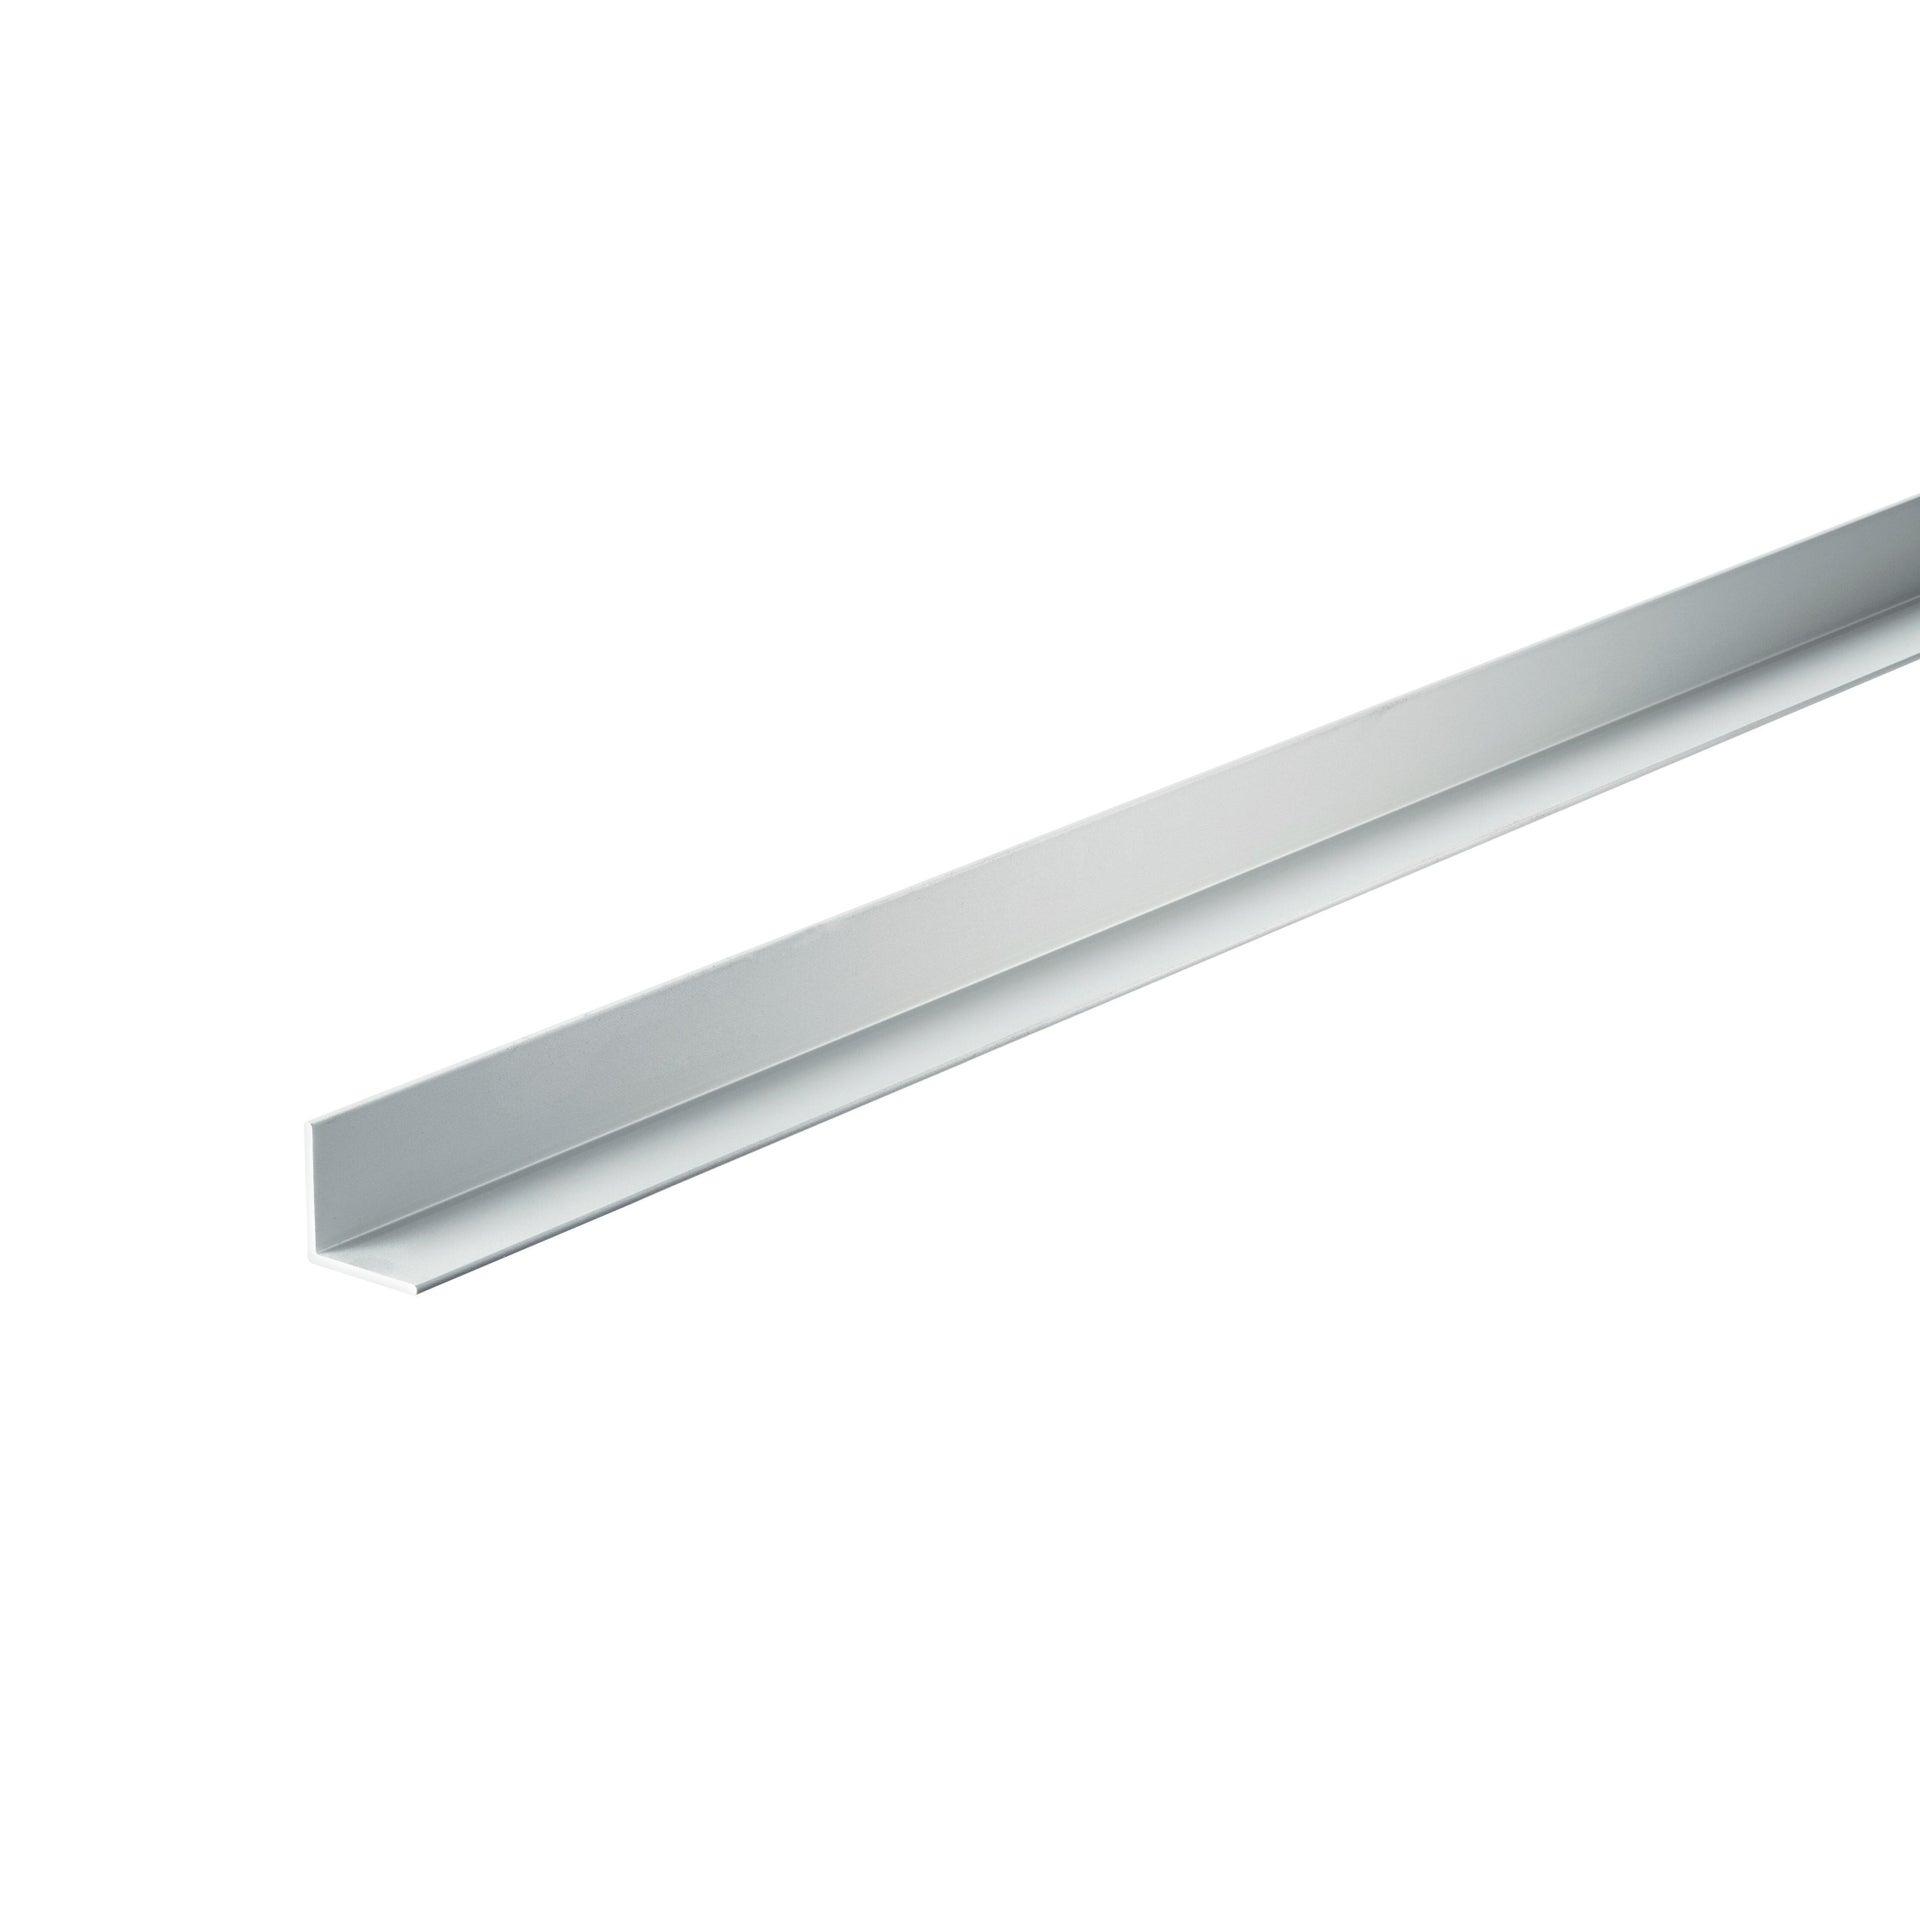 Profilo angolare simmetrico in alluminio 2 m x 1.5 cm argento